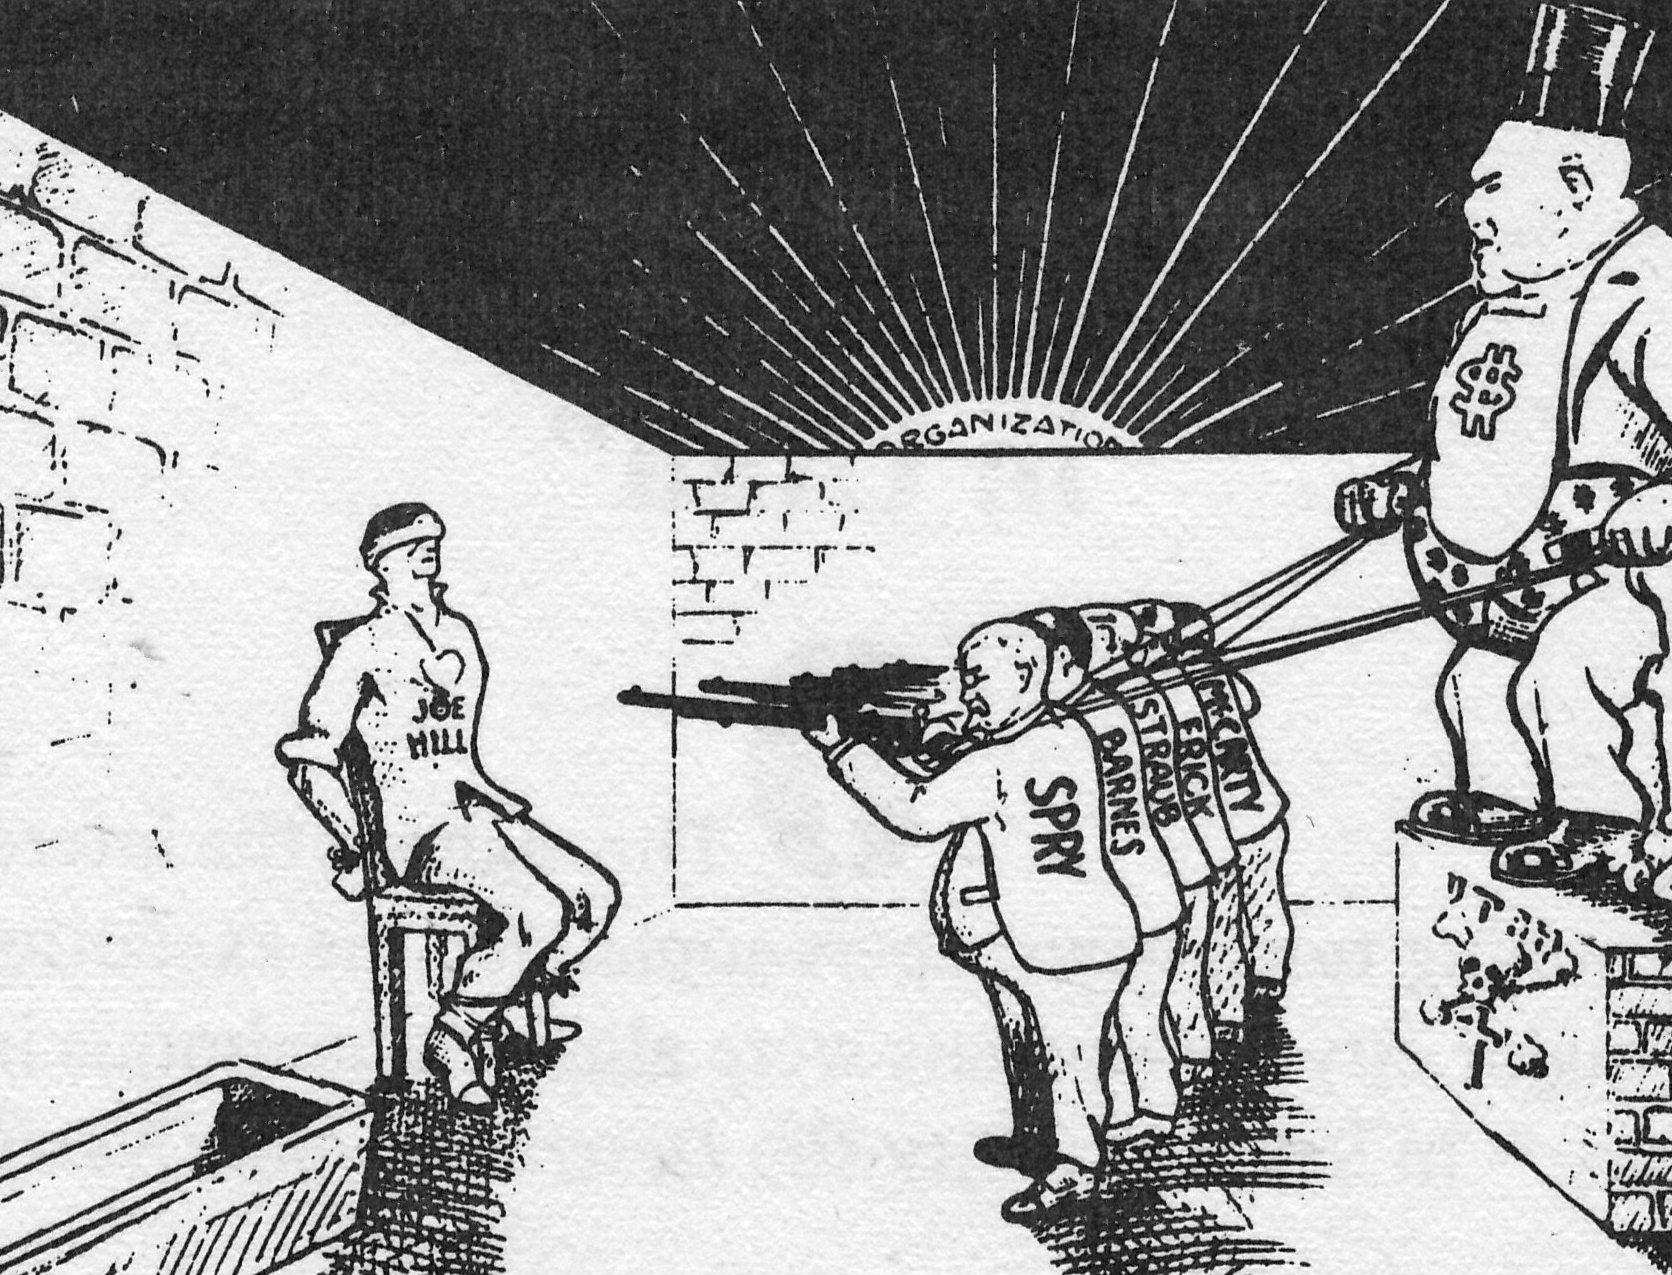 Σκίτσο της εκτέλεσης του Τζο Χιλ από το περιοδικό «Αλληλεγγύη»